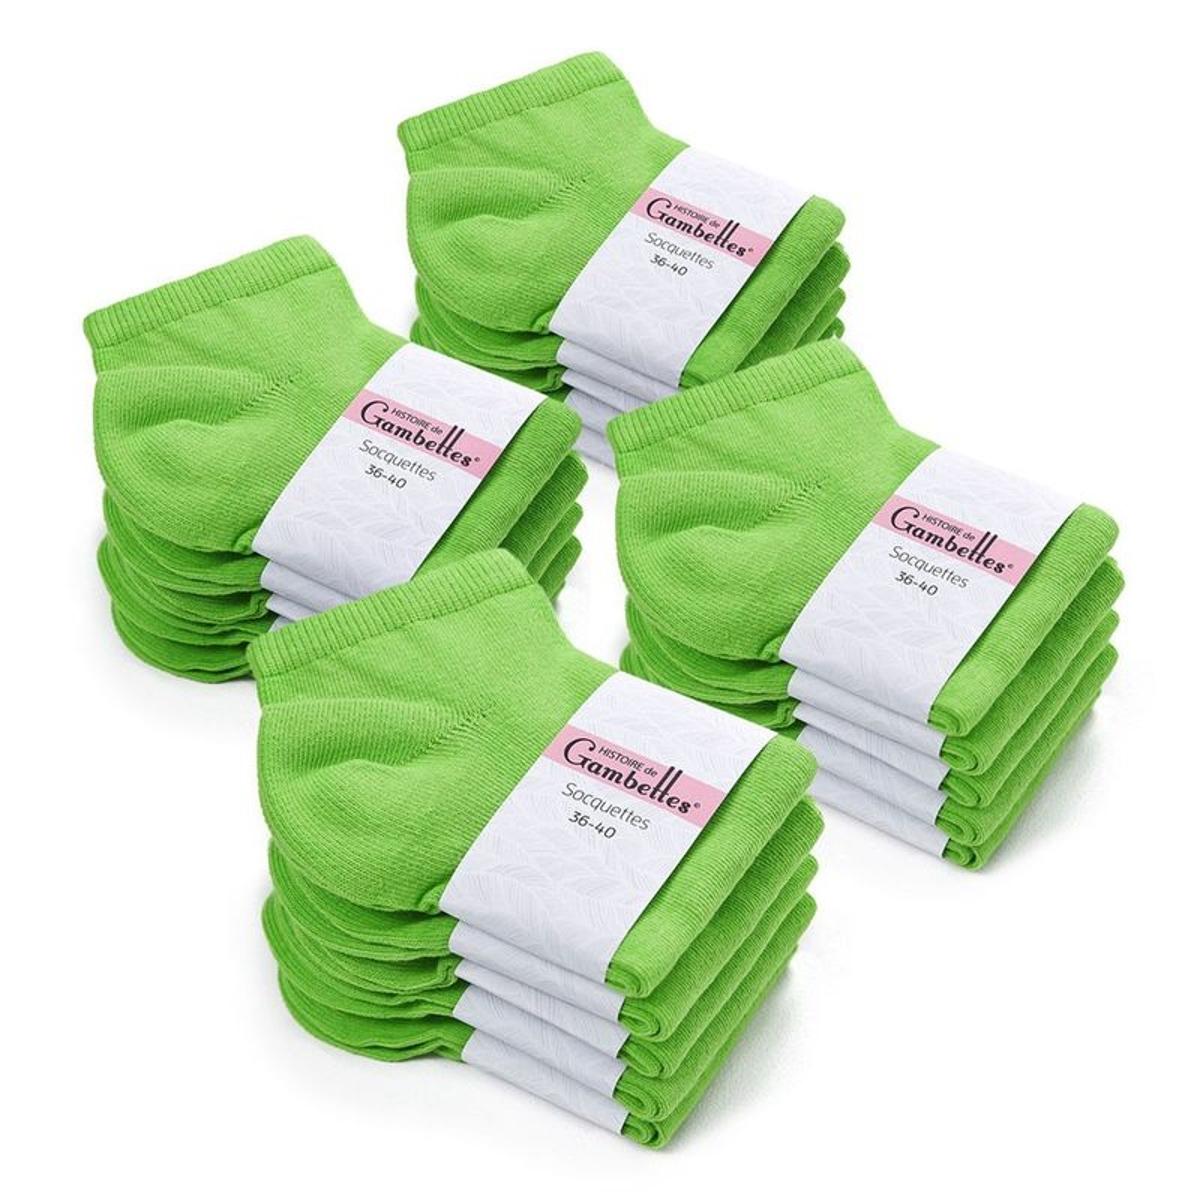 Socquettes Femme coton Vert Prairie (Lot de 20)